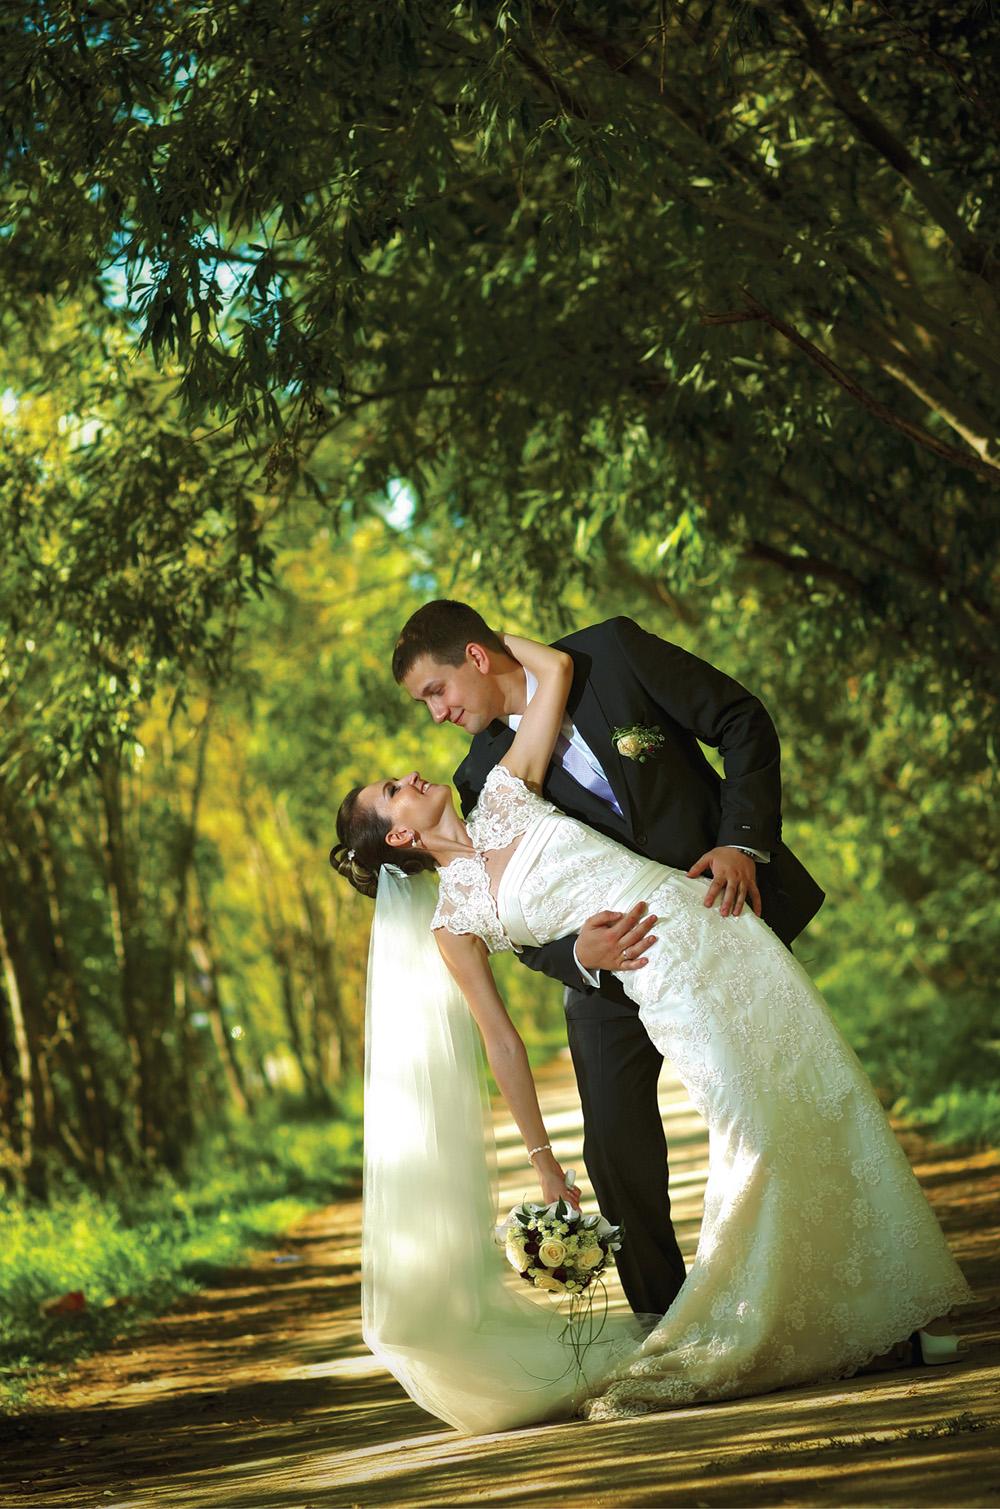 Видио фото для свадьбы